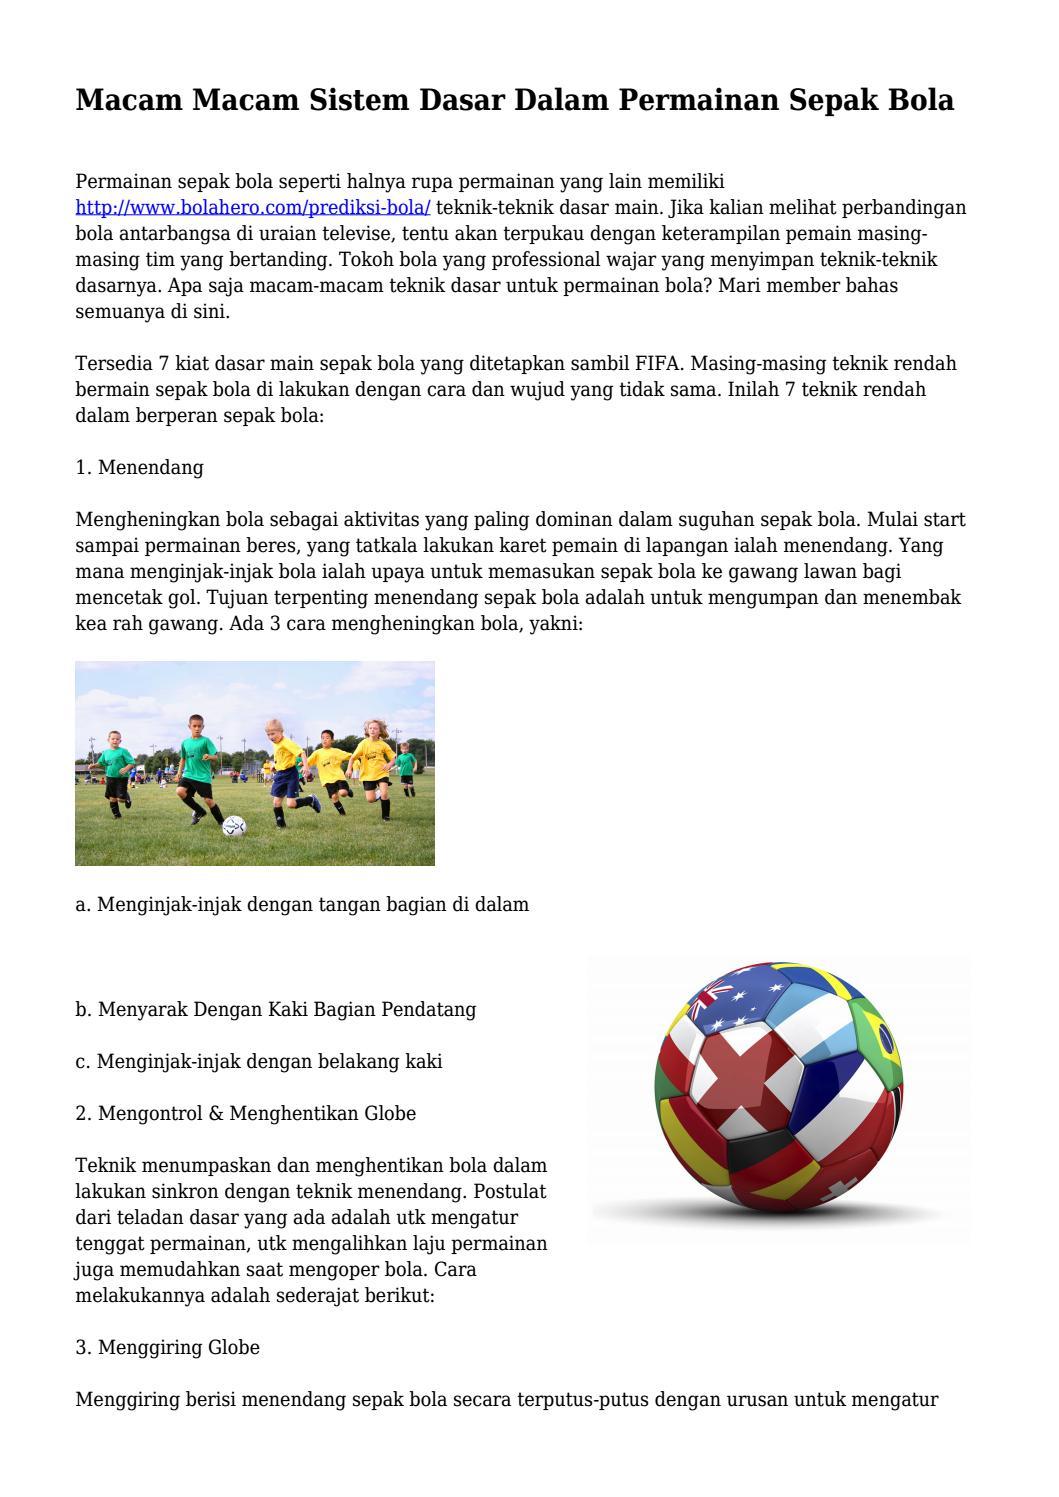 Teknik Dasar Pemain Sepak Bola : teknik, dasar, pemain, sepak, Macam, Sistem, Dasar, Dalam, Permainan, Sepak, Bola..., Guruinfobagus, Issuu